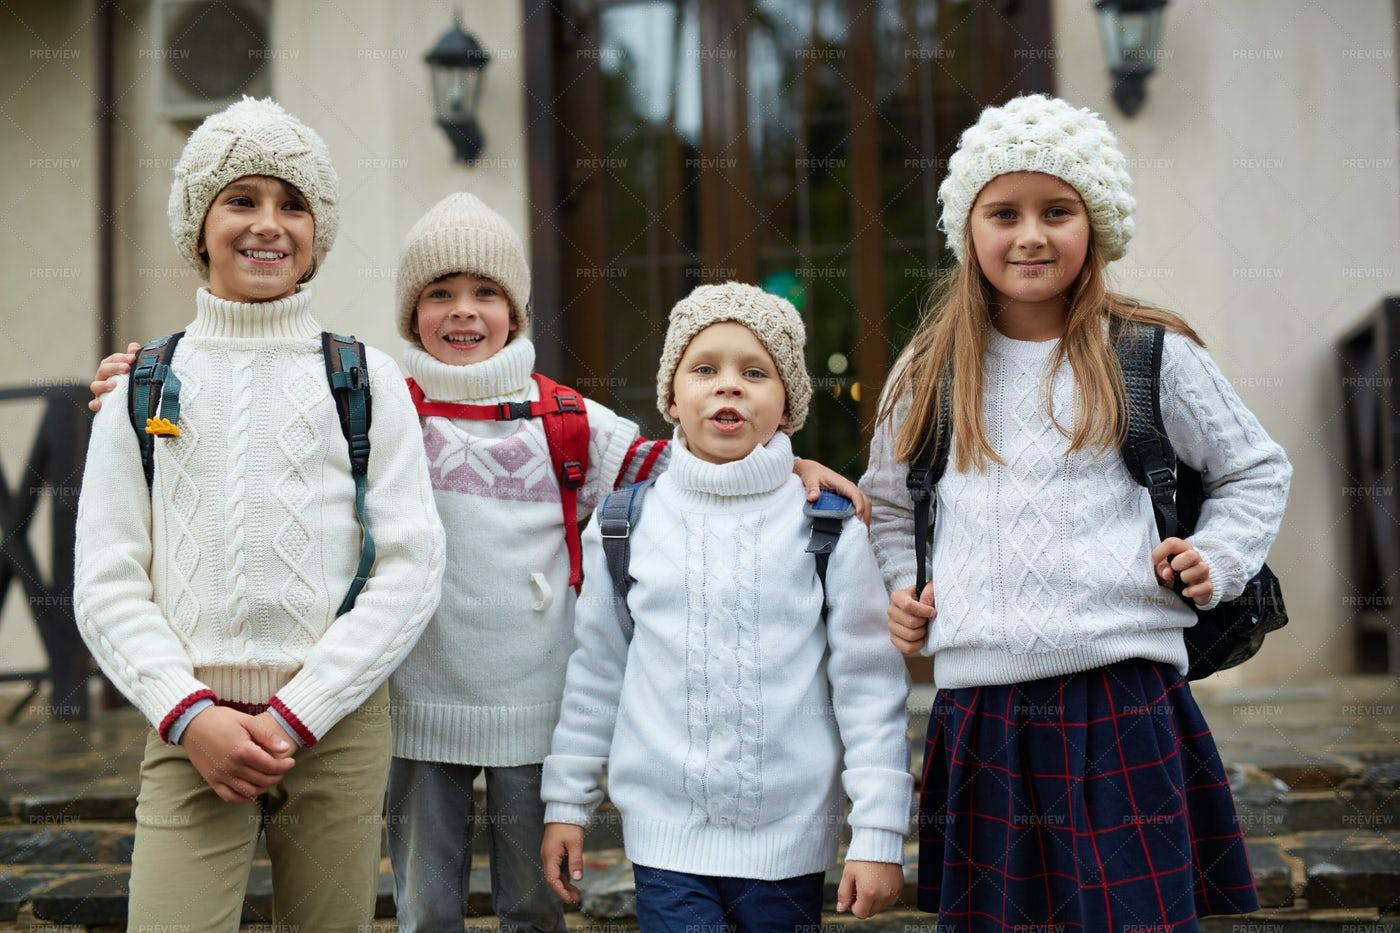 Group Of Children Posing By School Door: Stock Photos